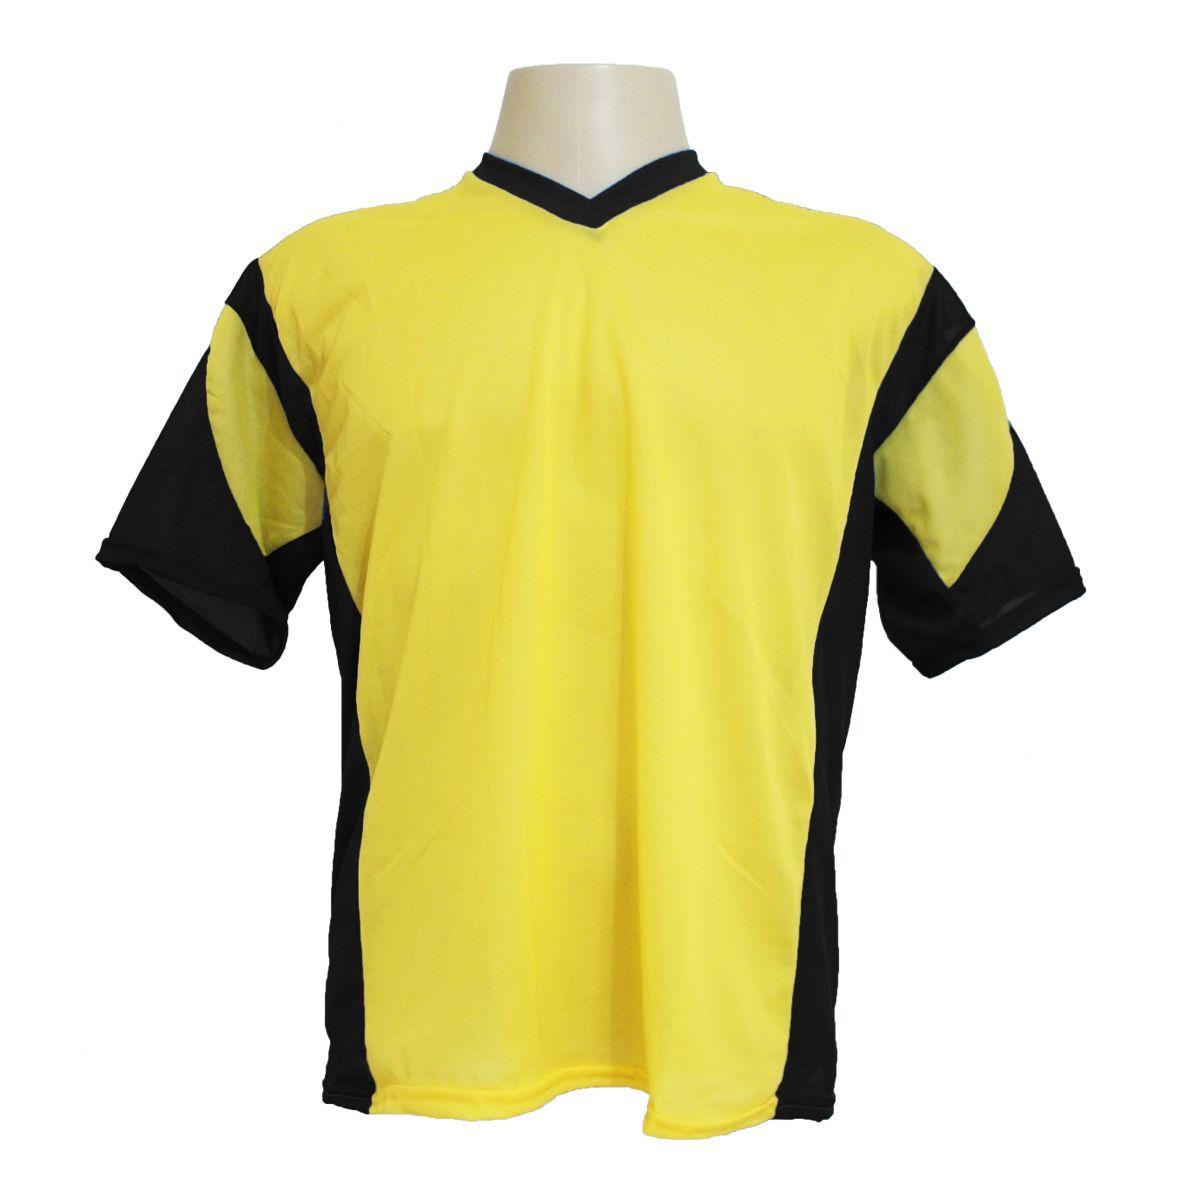 Jogo de Camisa Promocional com 12 Peças Numeradas Modelo Attack Amarelo/Preto - Frete Grátis Brasil